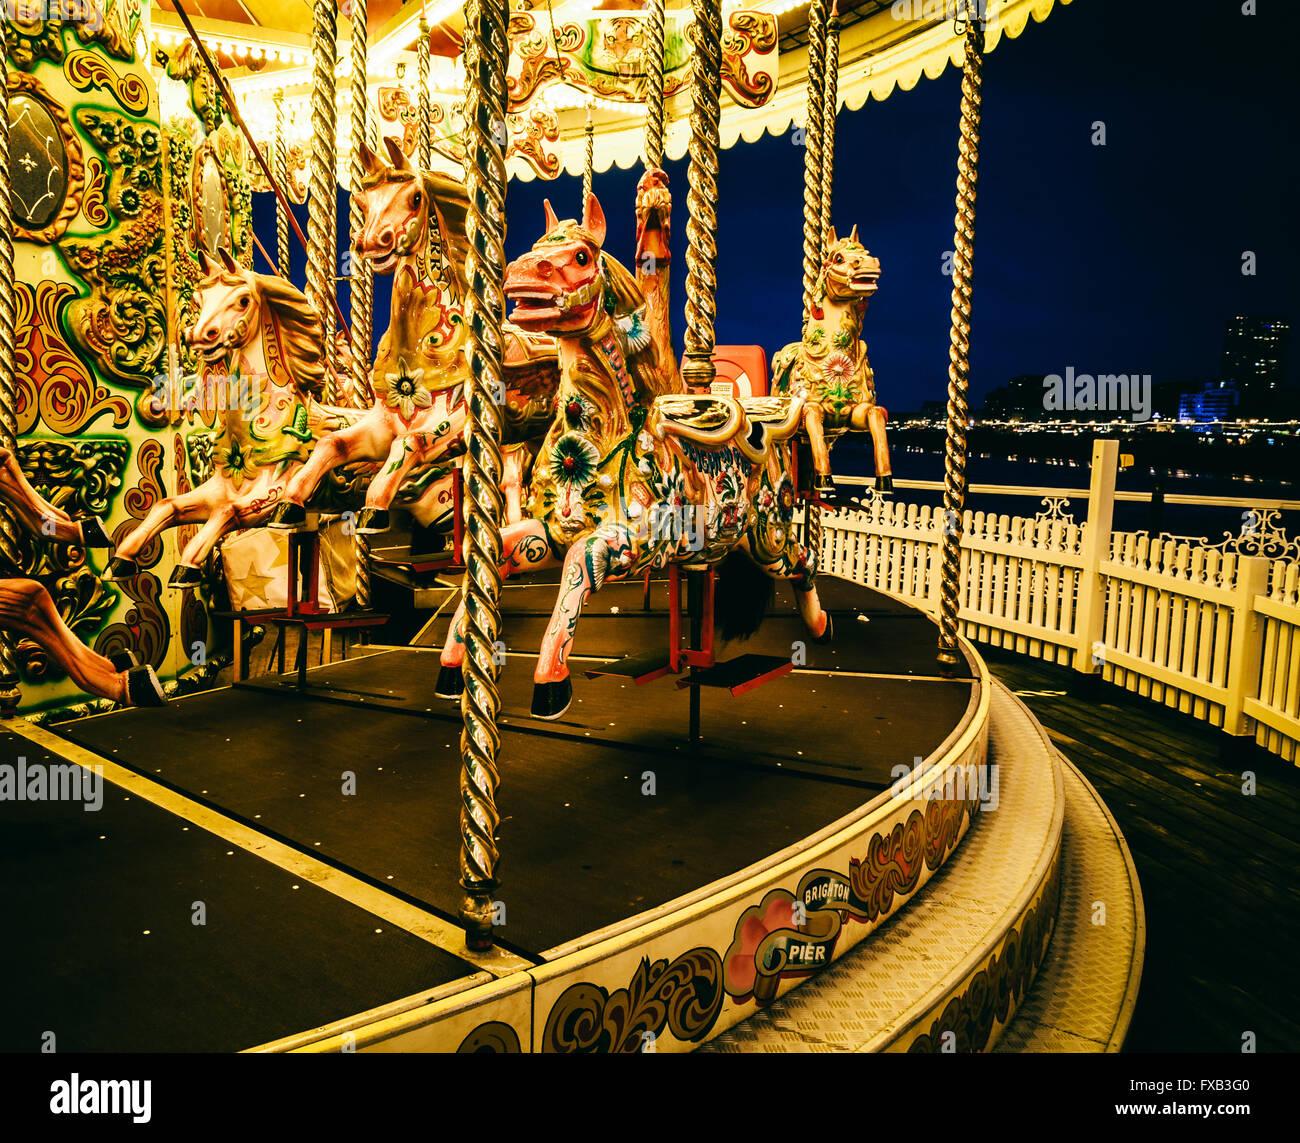 Tiovivo en Brighton Pier, en la noche, REINO UNIDO Imagen De Stock